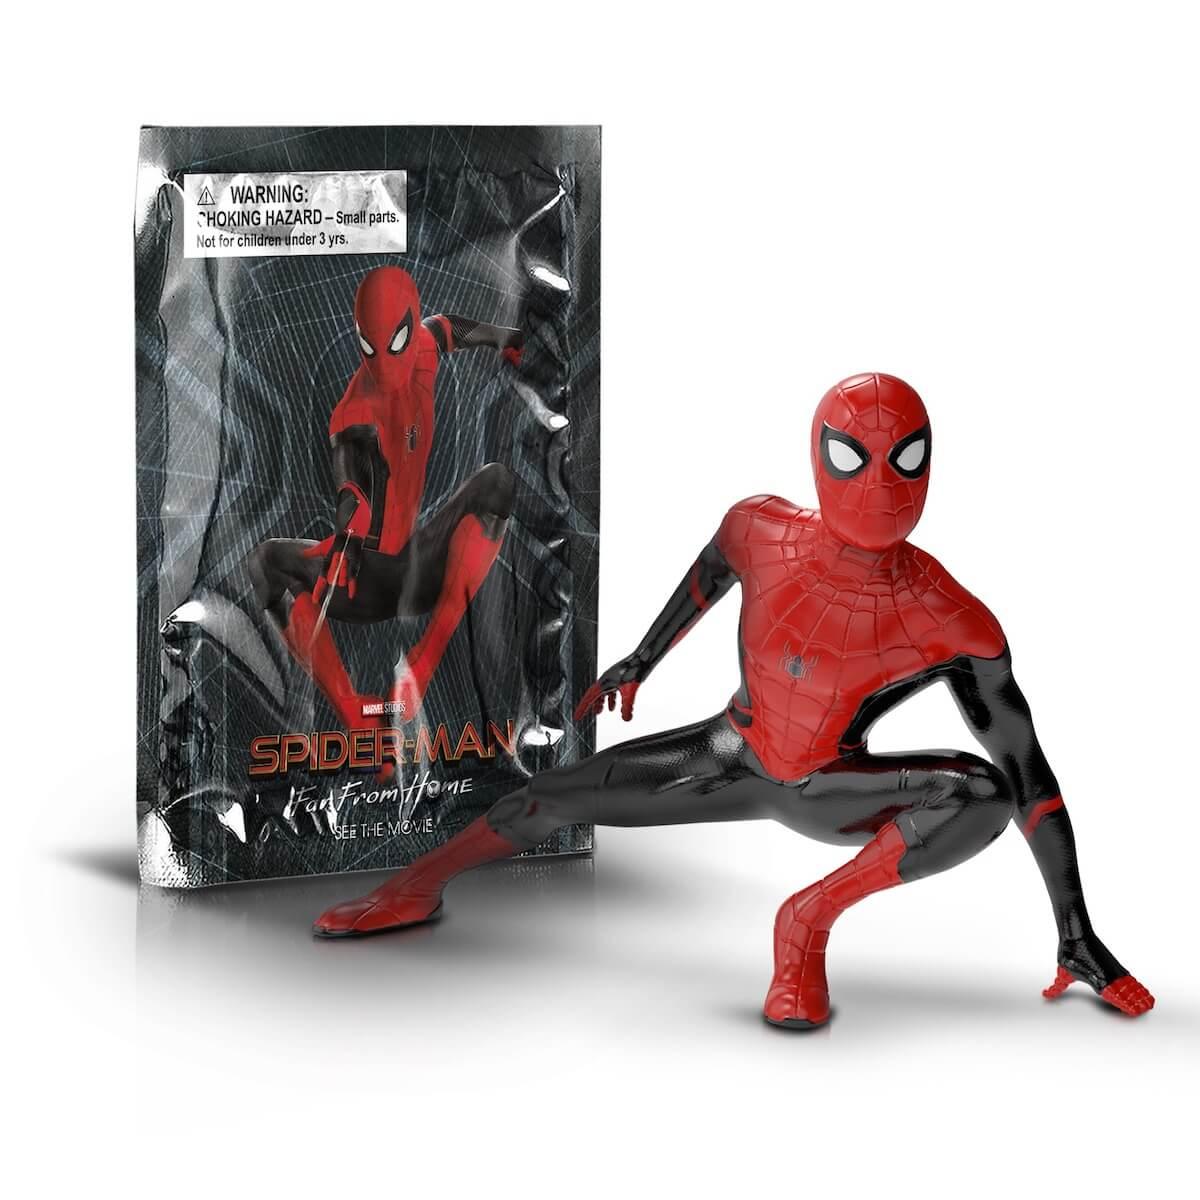 6月28日公開『スパイダーマン:ファー・フロム・ホーム』特製フィギュアを3名様にプレゼント! film190615_sfhh_figure_1